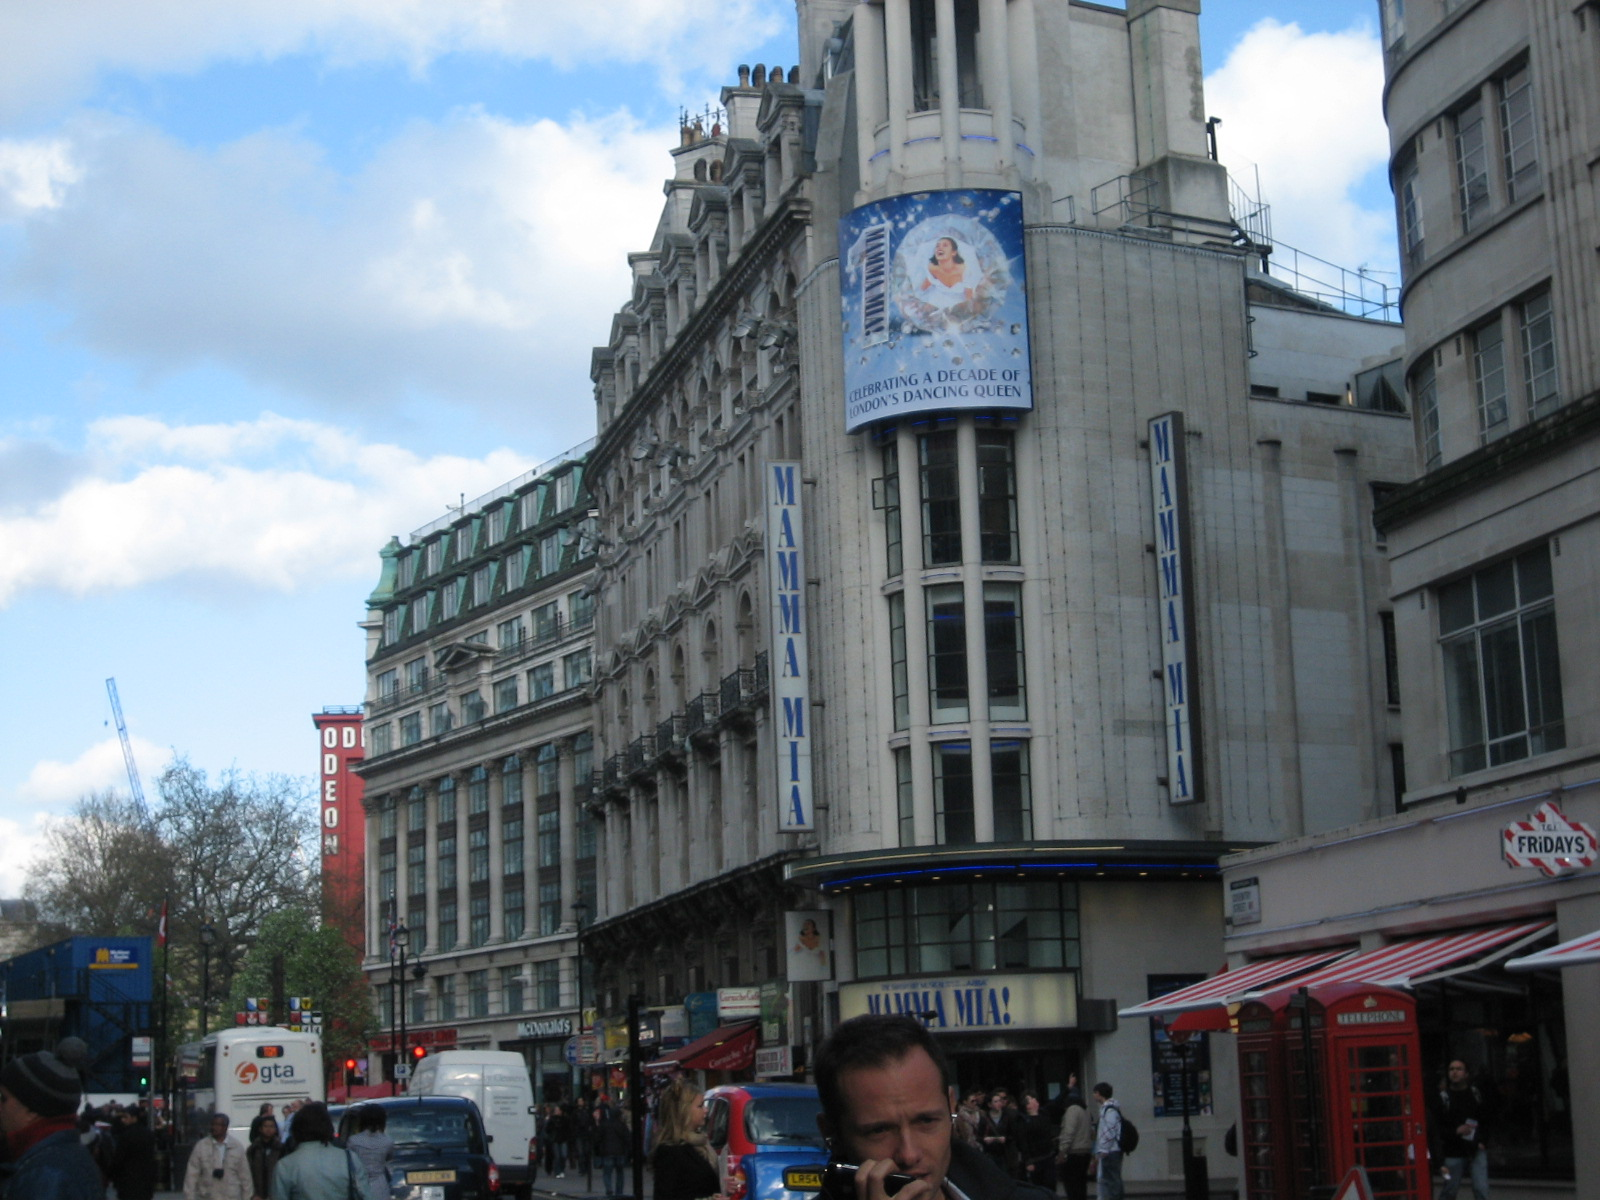 ロンドン滞在記パート4_c0136871_2075764.jpg